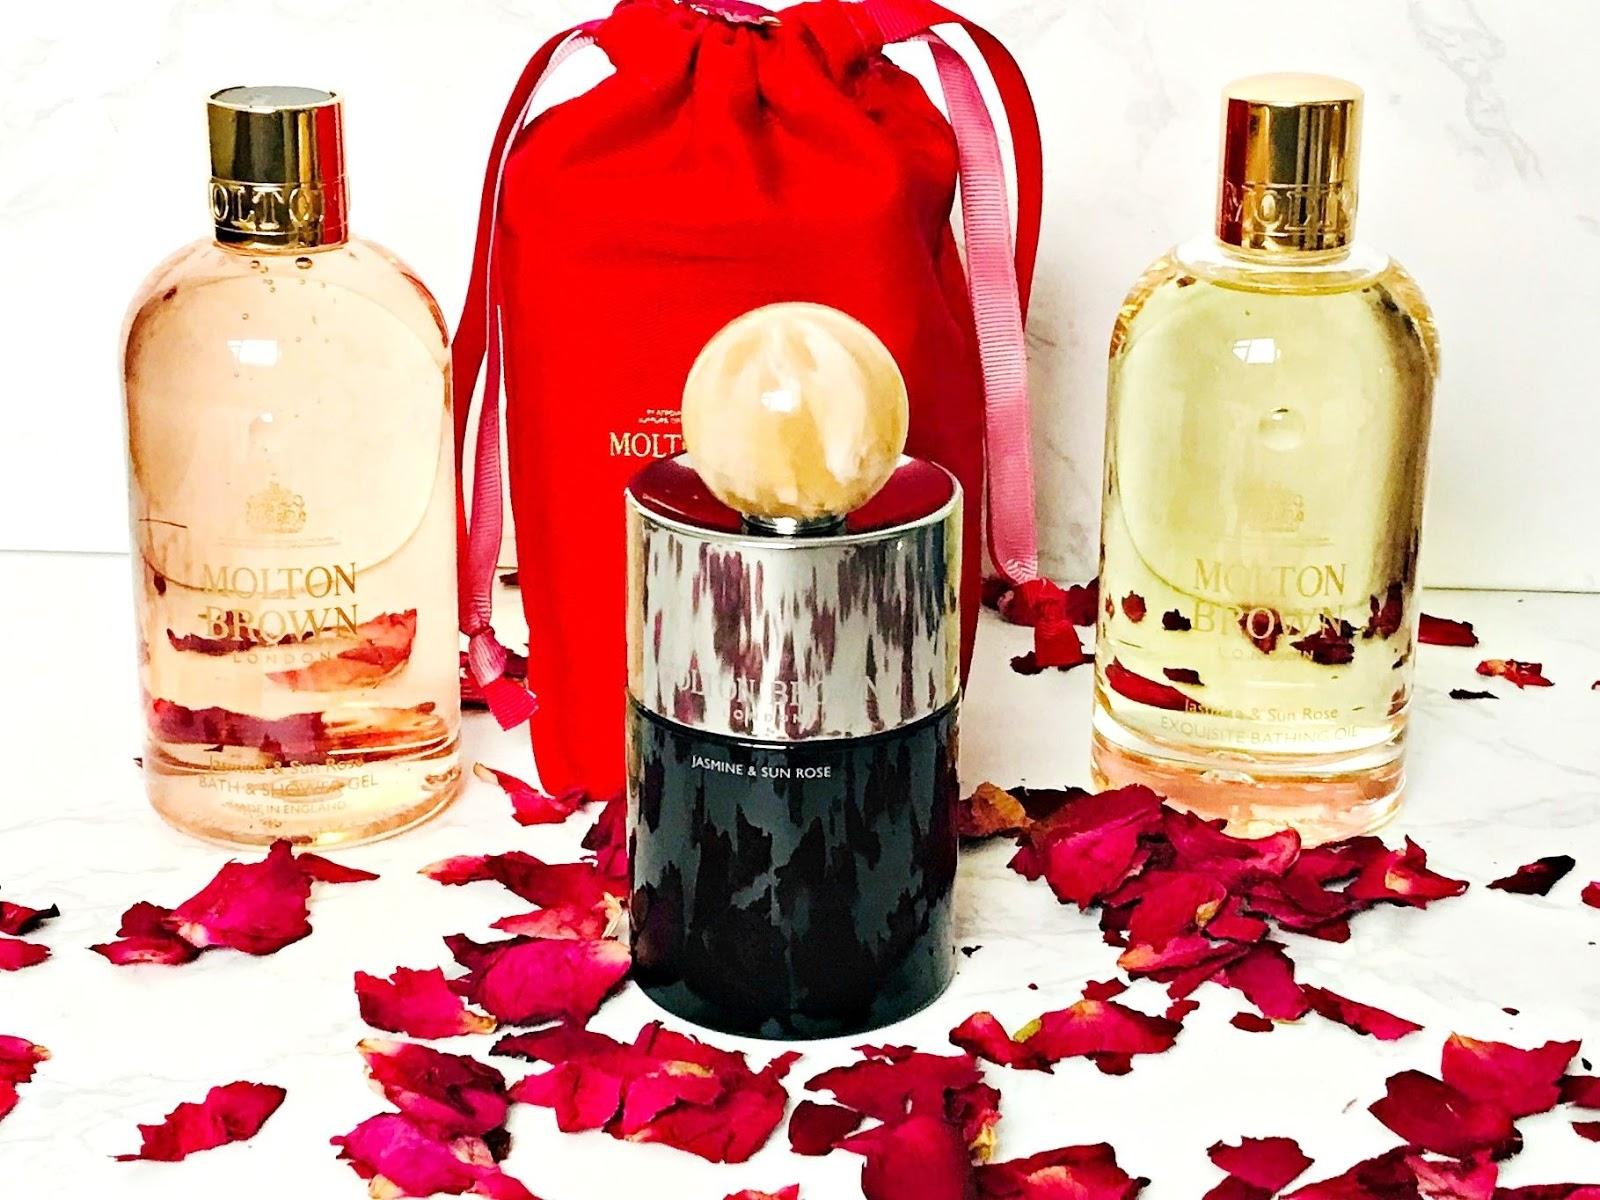 Molton Brown Jasmine & Sun Rose Eau De Parfum Review